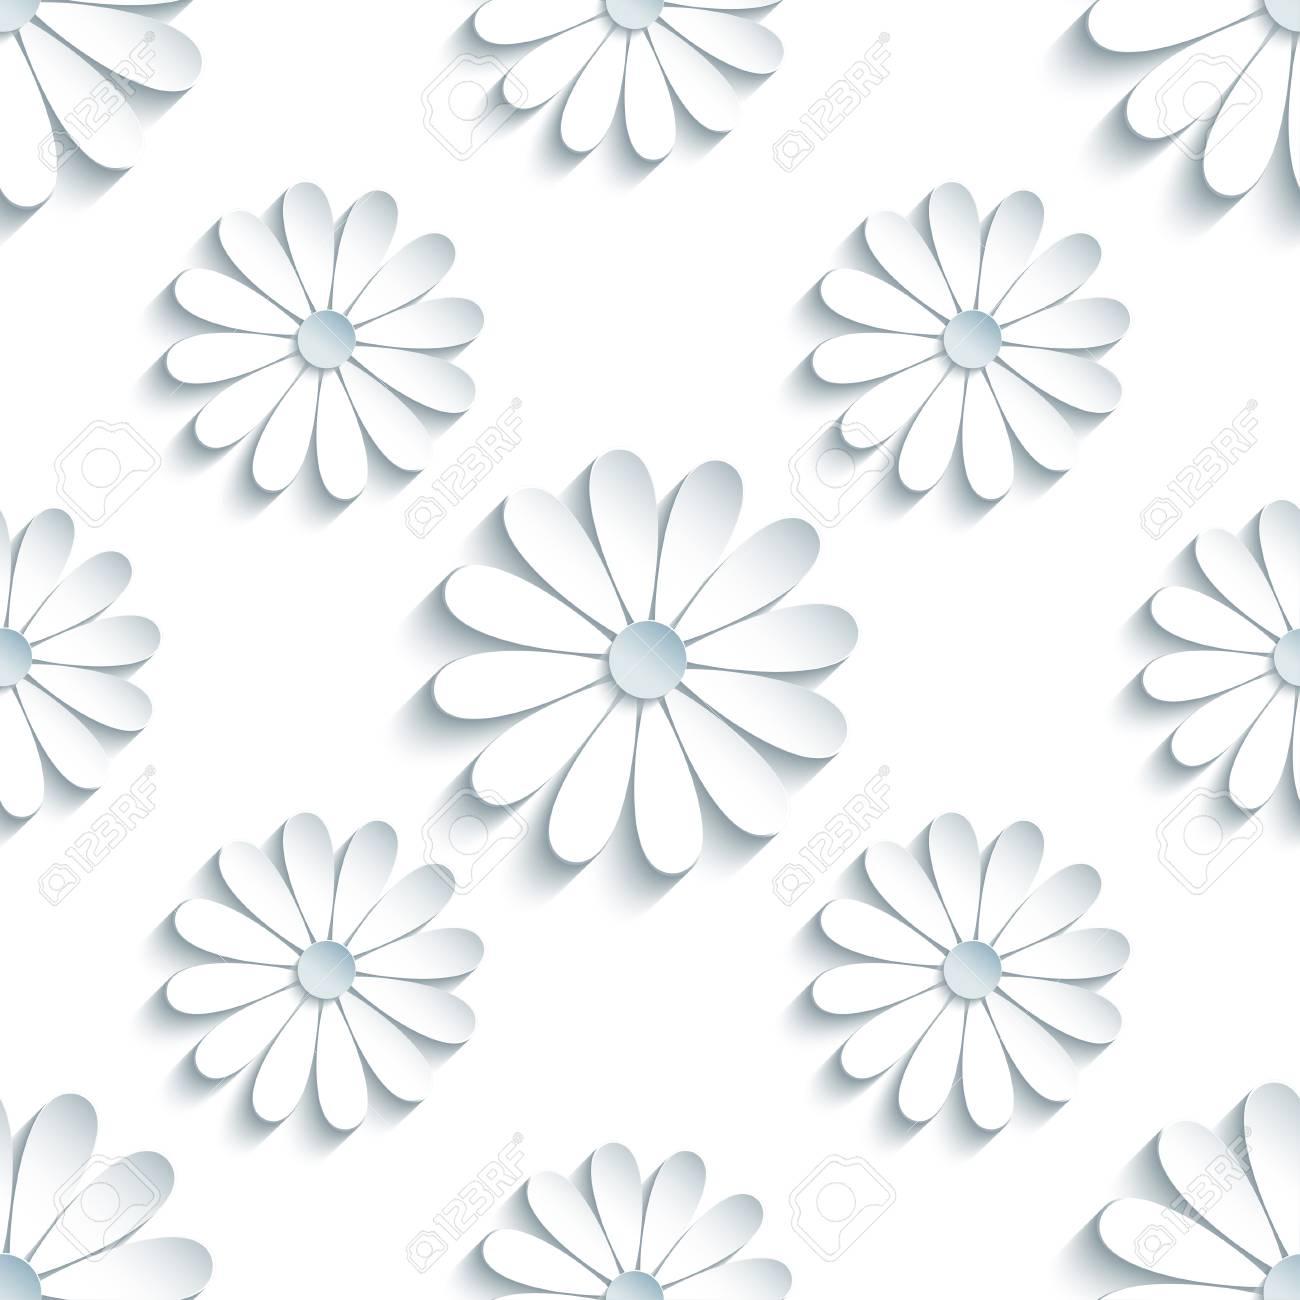 Beautiful Modern Light Background Seamless Pattern With White